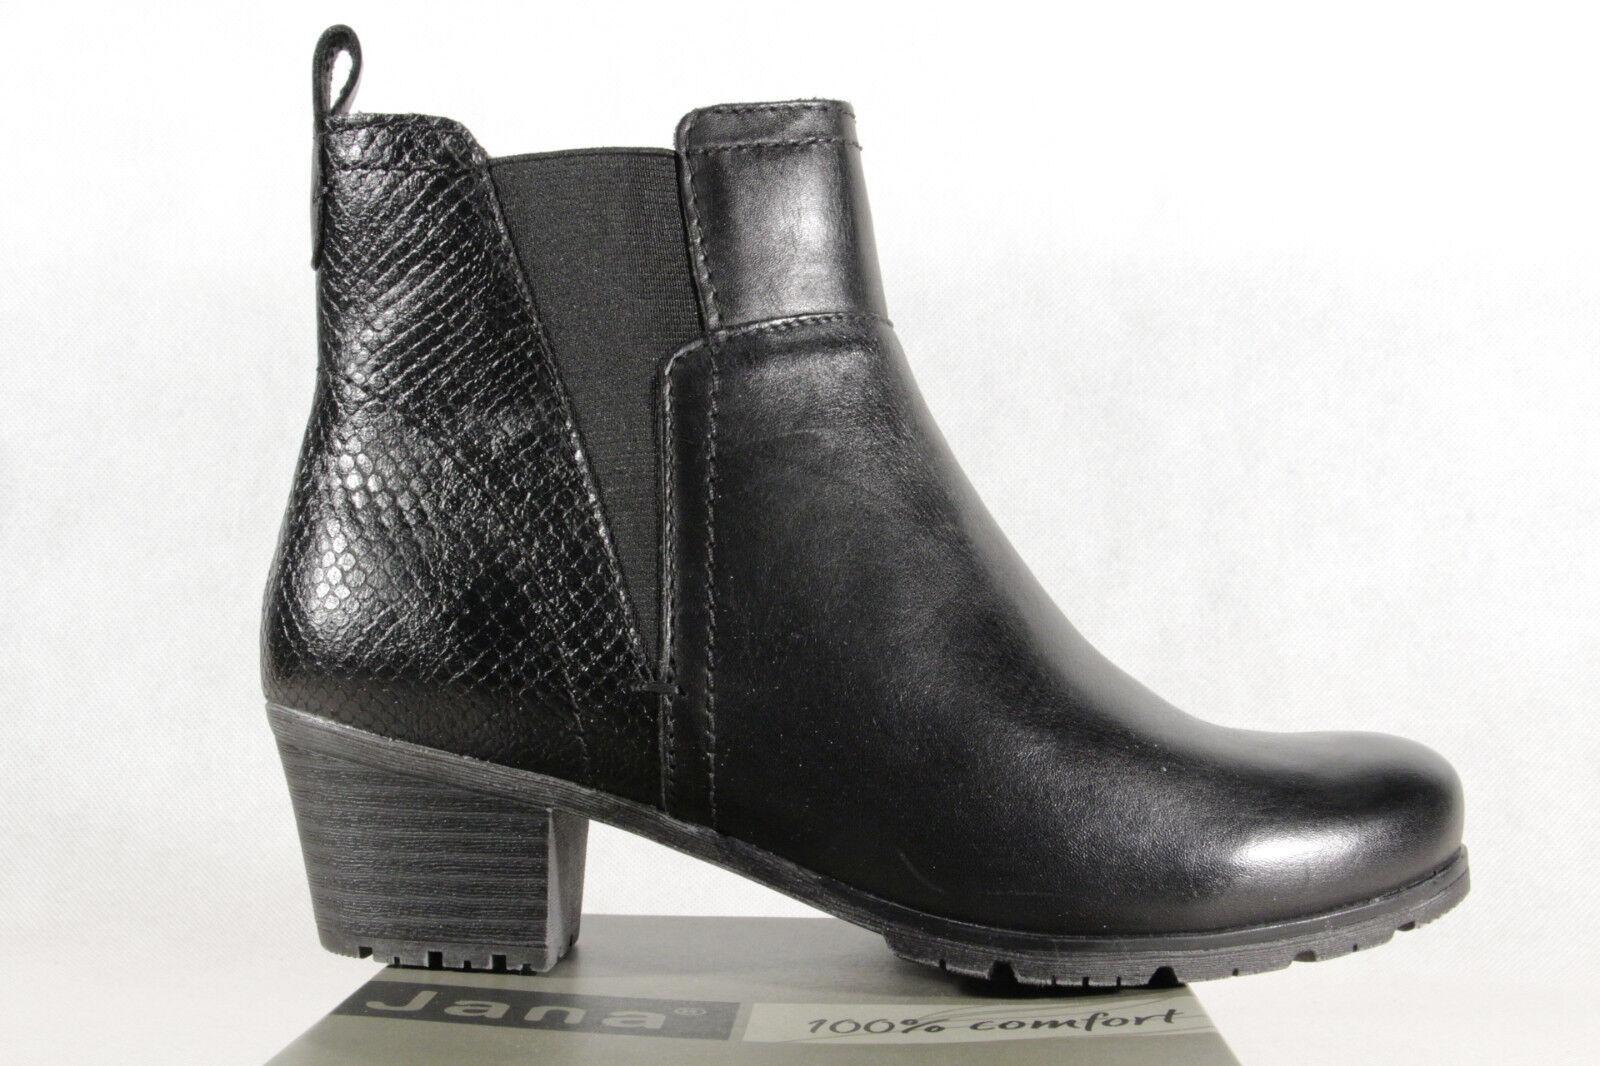 Jana Stiefel Stiefel Stiefelette Stiefel Winterstiefel schwarz schwarz schwarz 25312 NEU 94c997